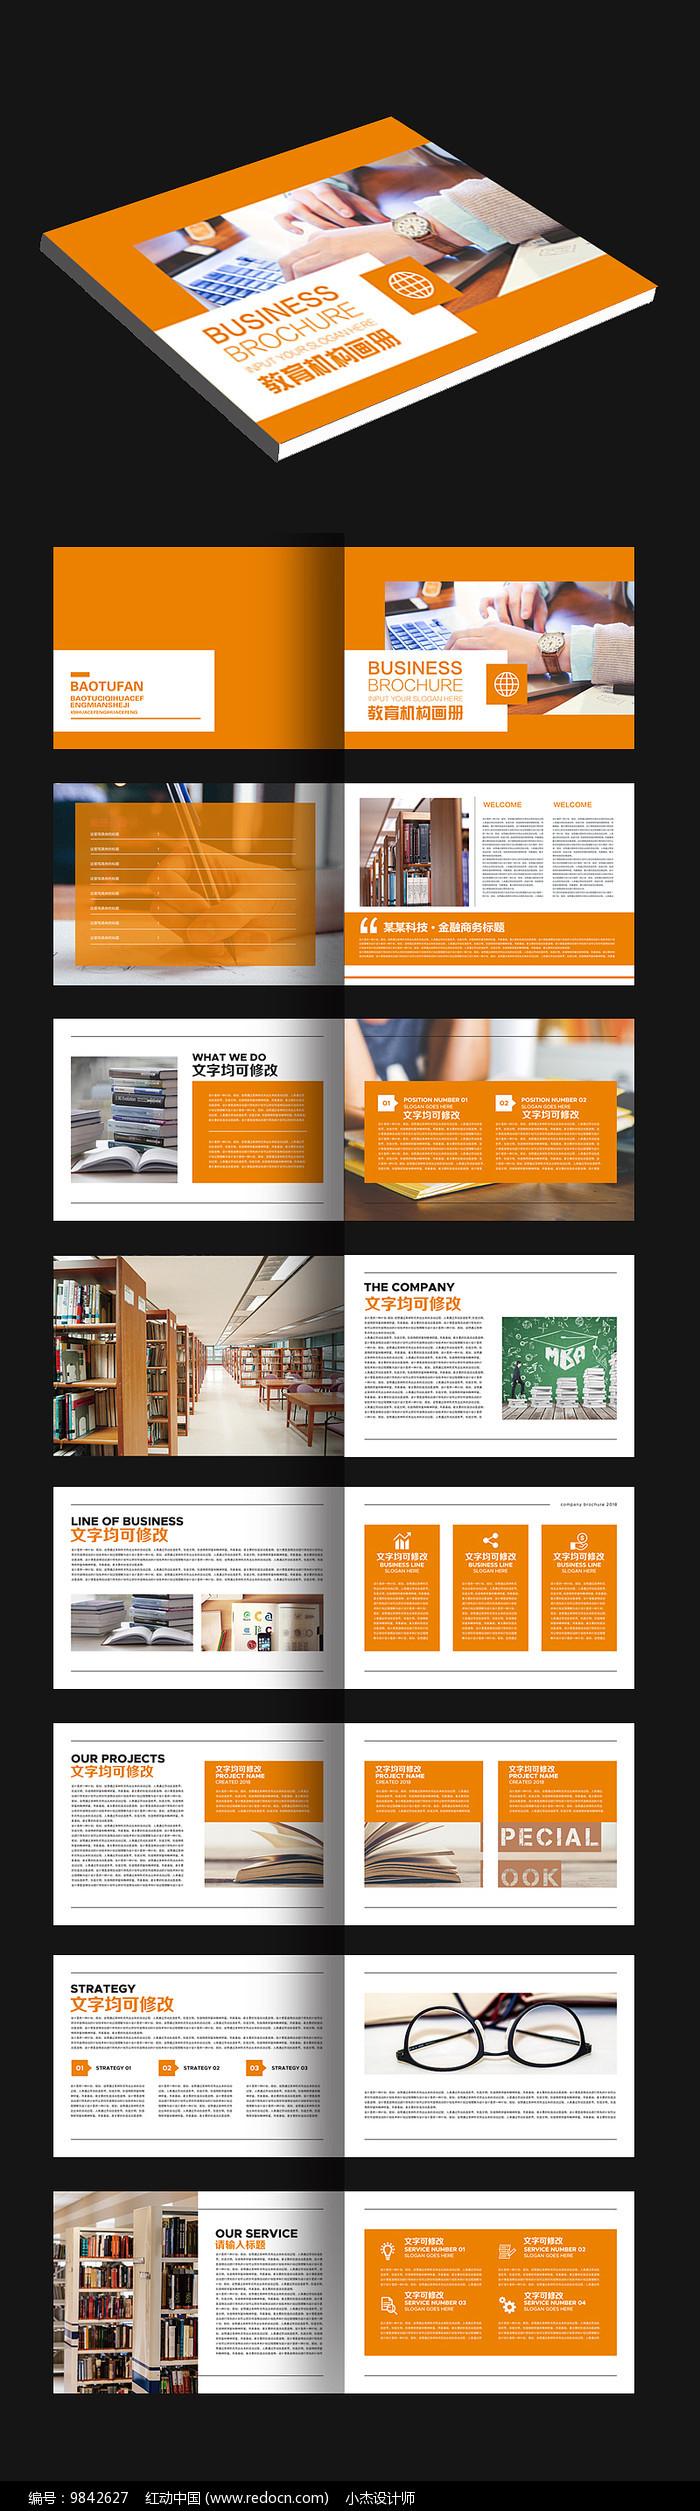 时尚创意教育画册宣传册图片